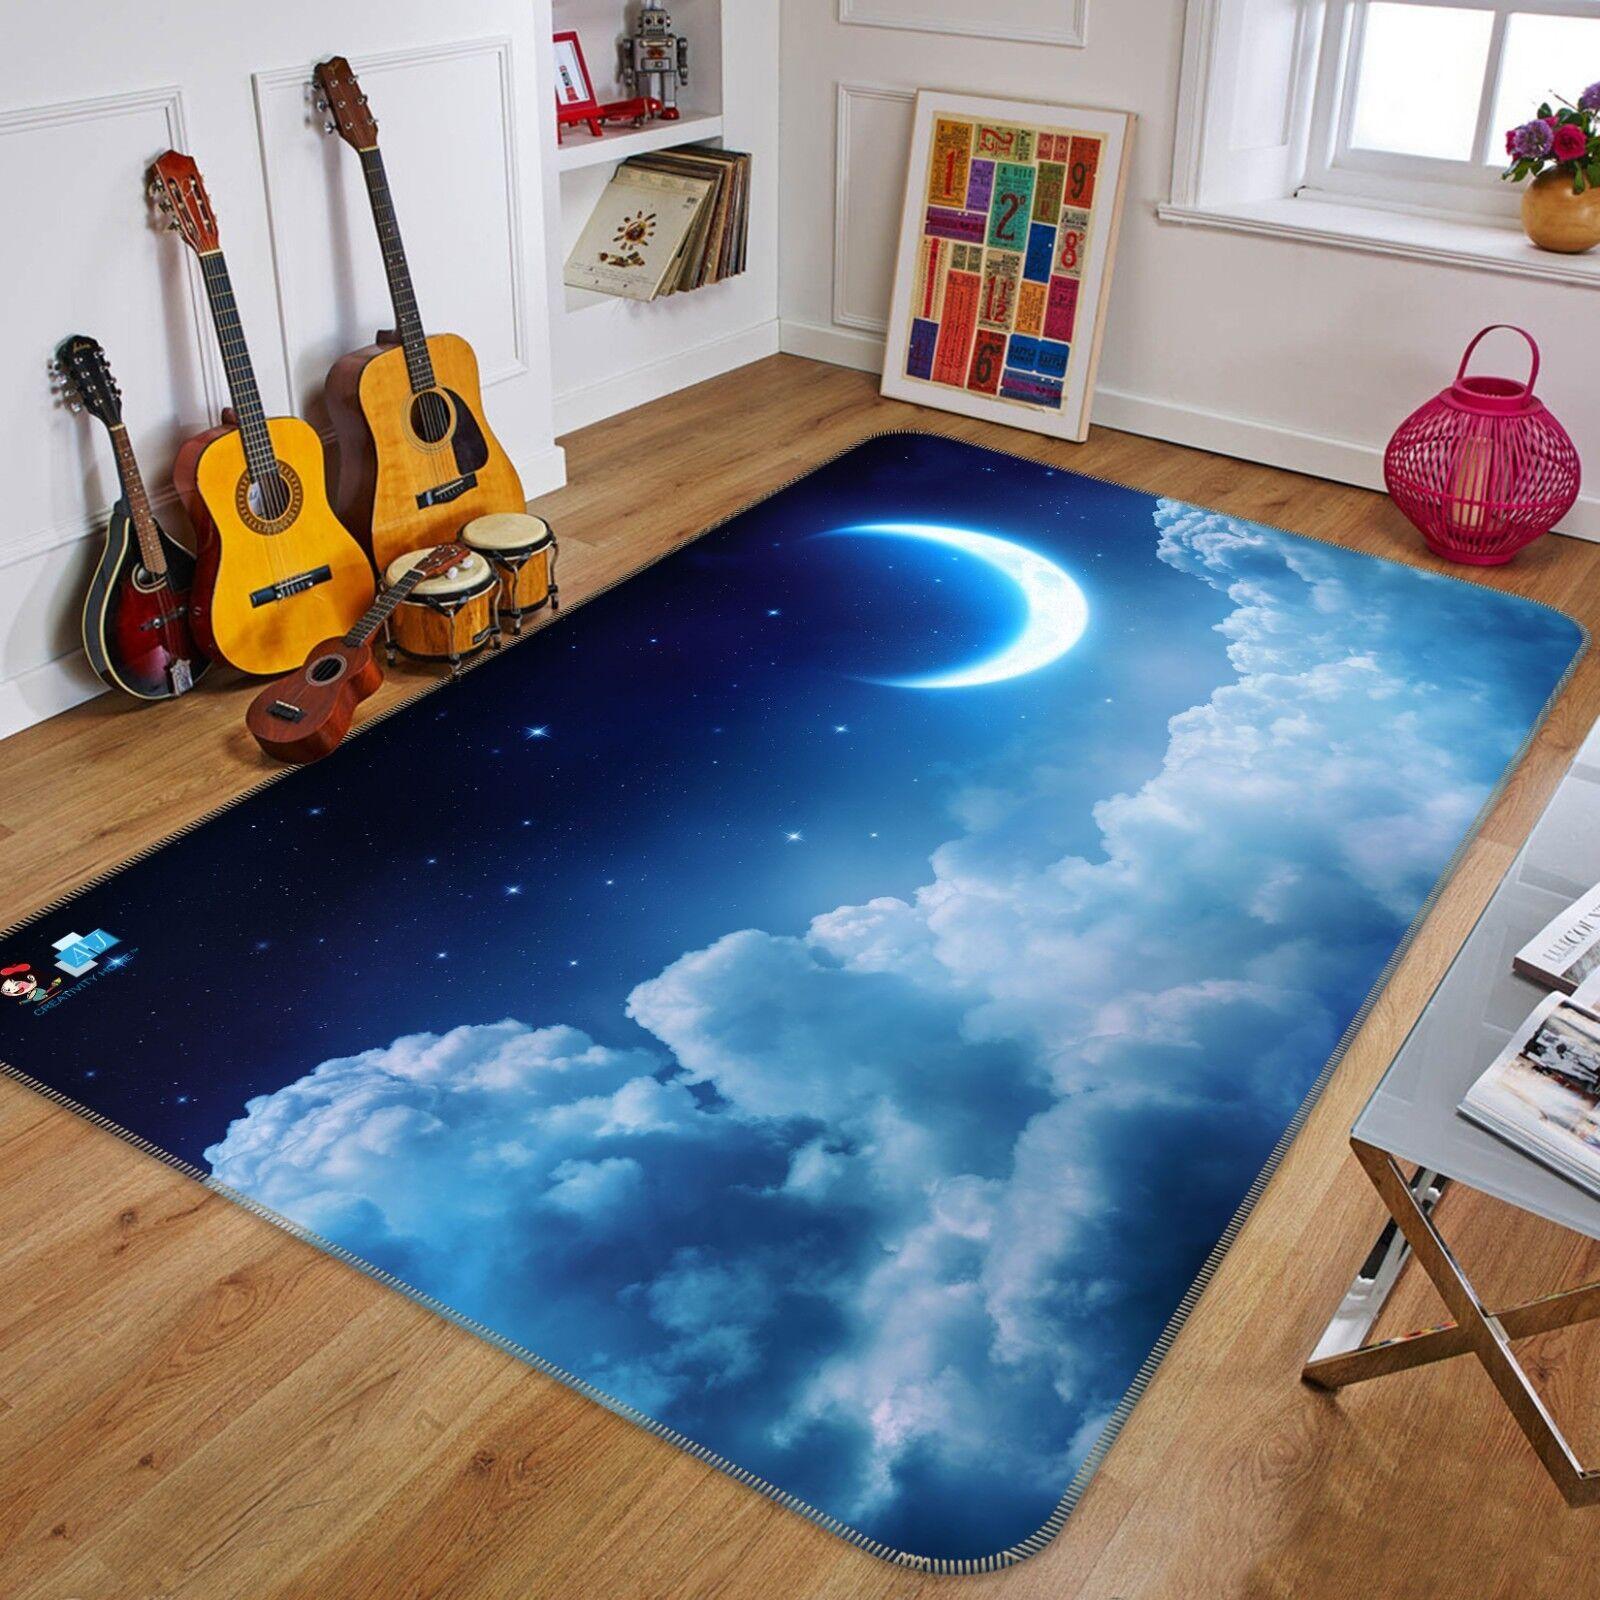 3D CIELO STELLATO MOON 889 tappetino antiscivolo tappeto camera Tappetino Qualità Elegante foto Tappeto UK